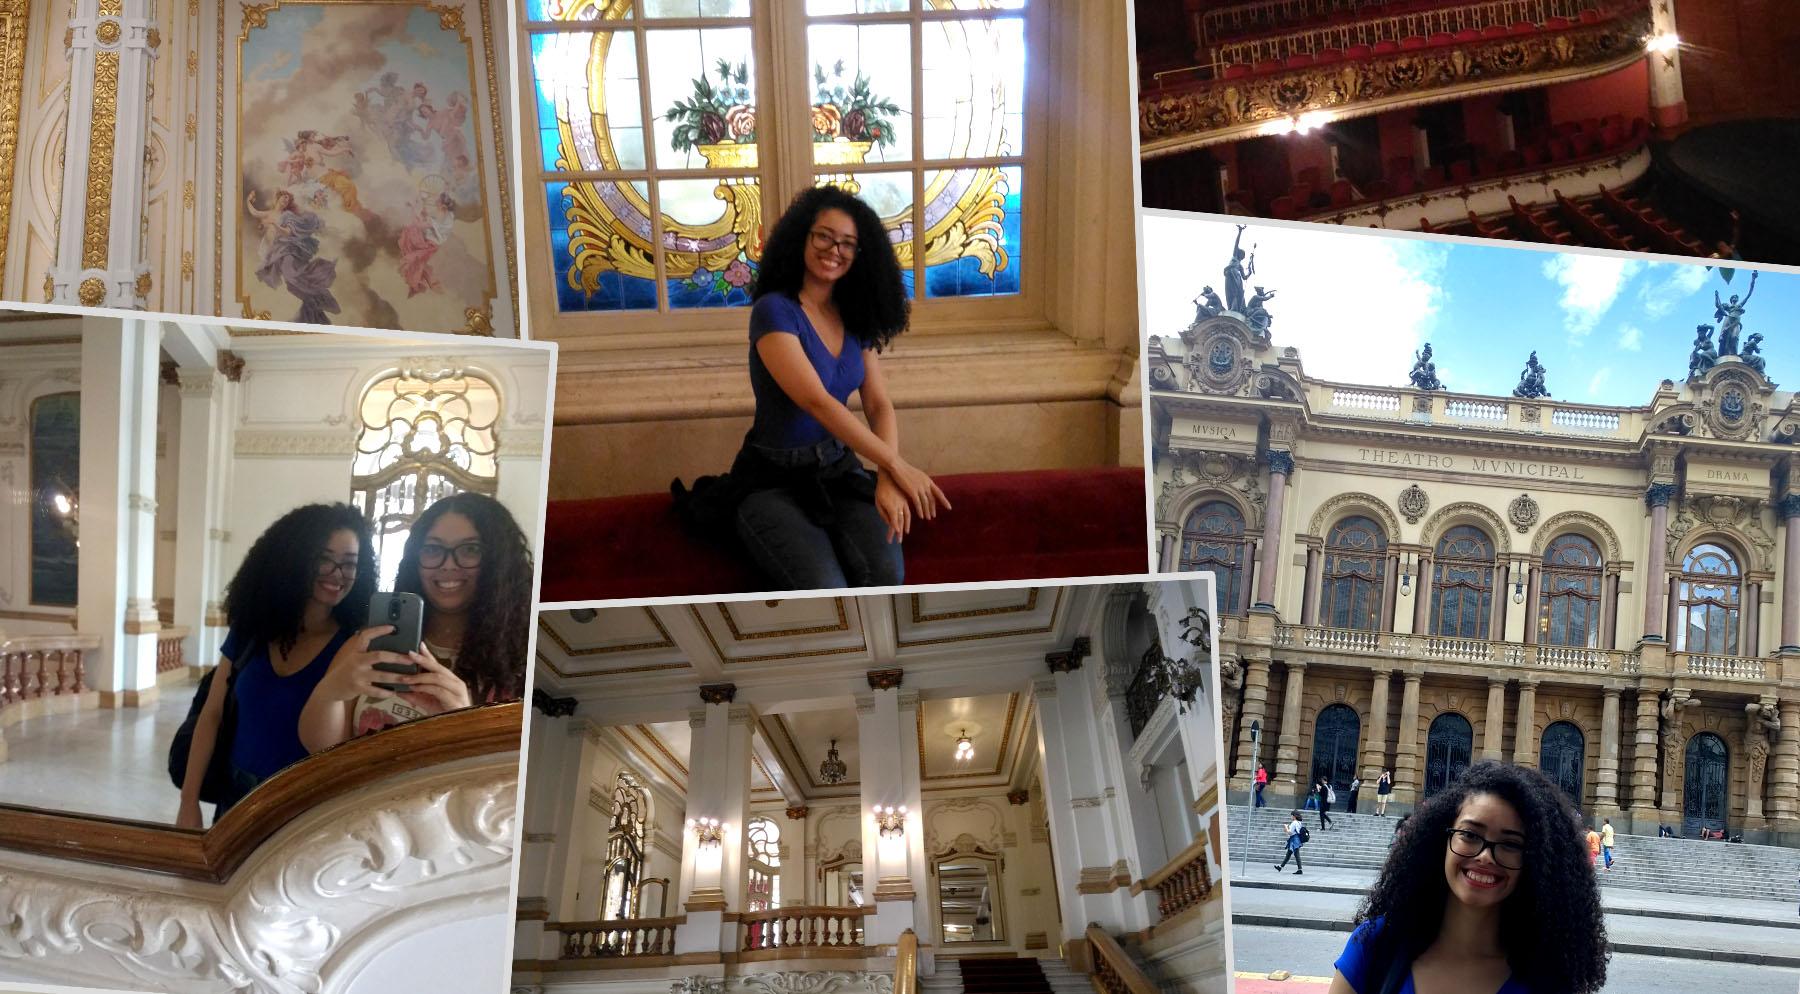 Fim-de-semana-em-São-Paulo-tour-teatro-municipal